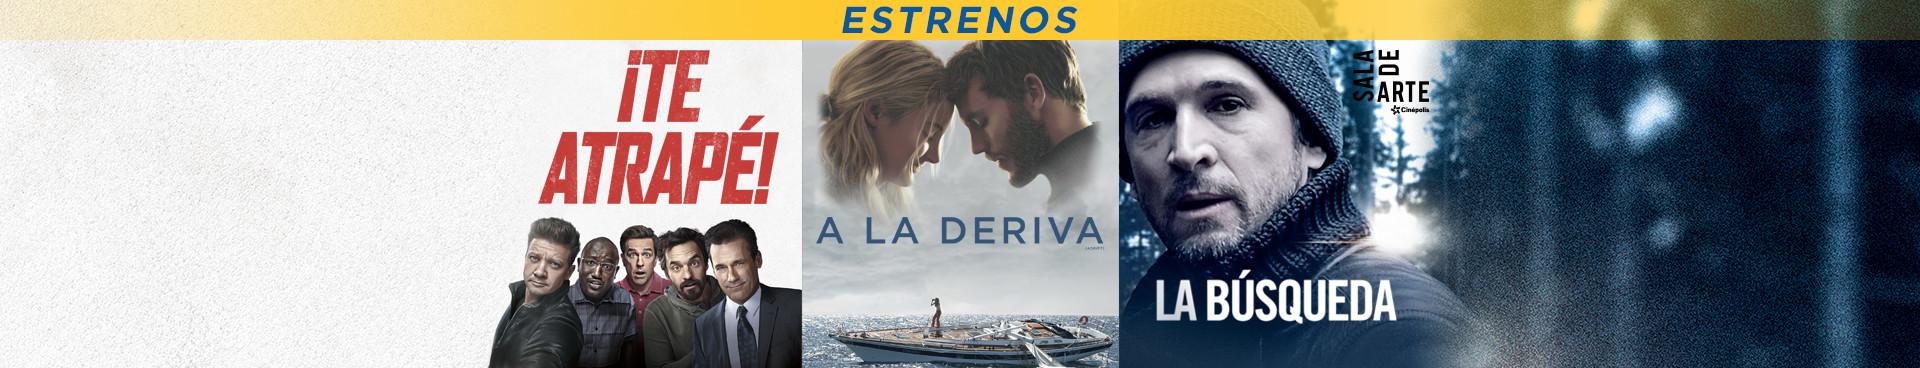 Estrenos (Te atrapé / A la Deriva / La Búsqueda)